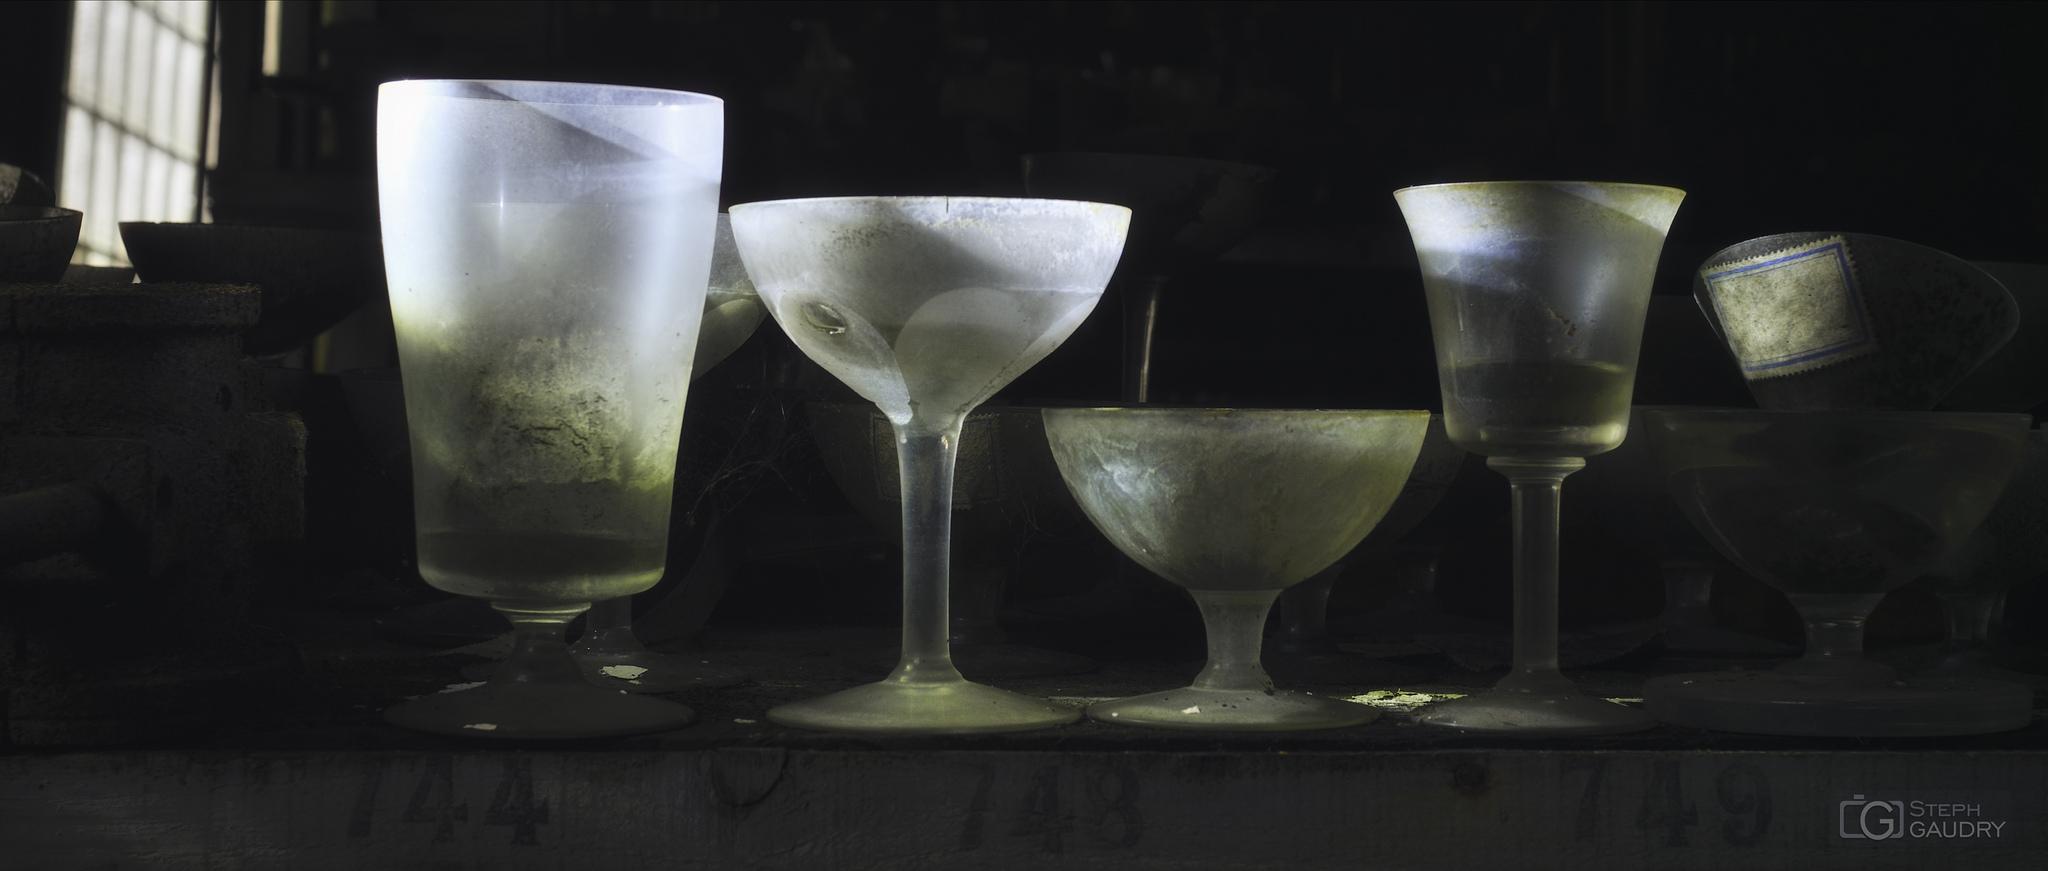 Il se noie plus de gens dans les verres que dans les rivières. [Click to start slideshow]